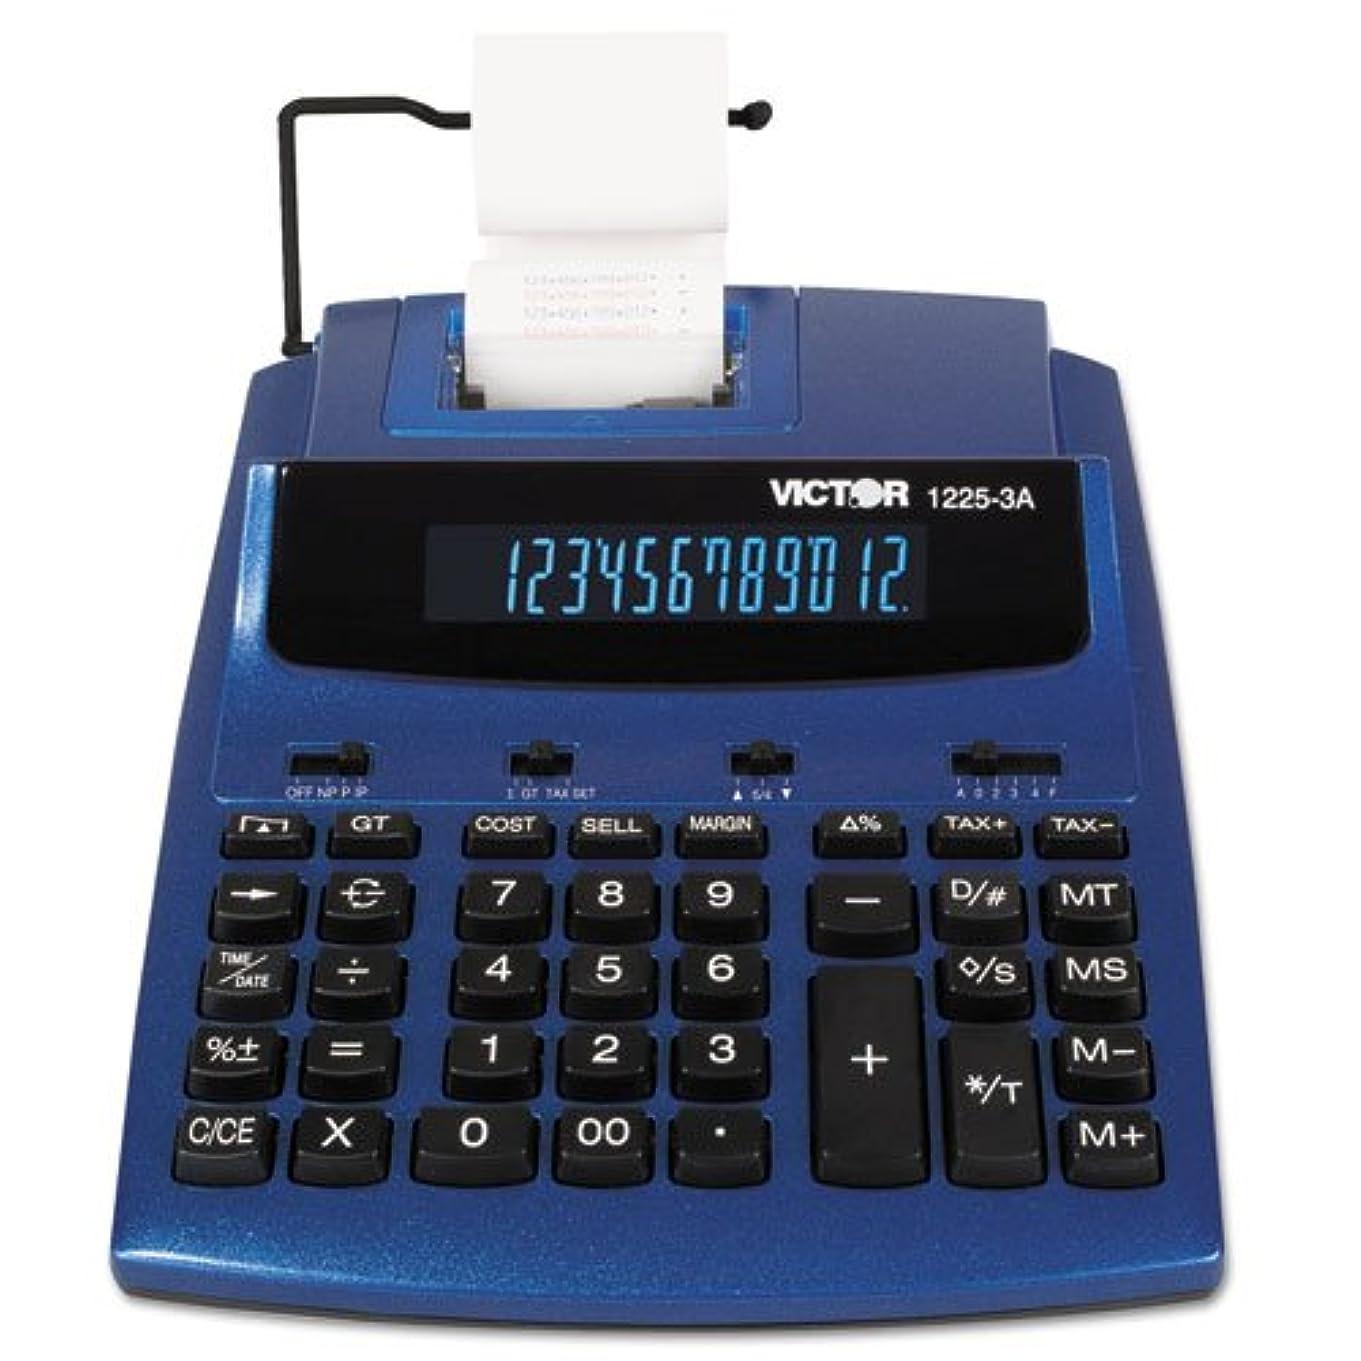 課す分離する驚いたことにVCT12253A - Victor 12253A Commercial Calculator by Victor